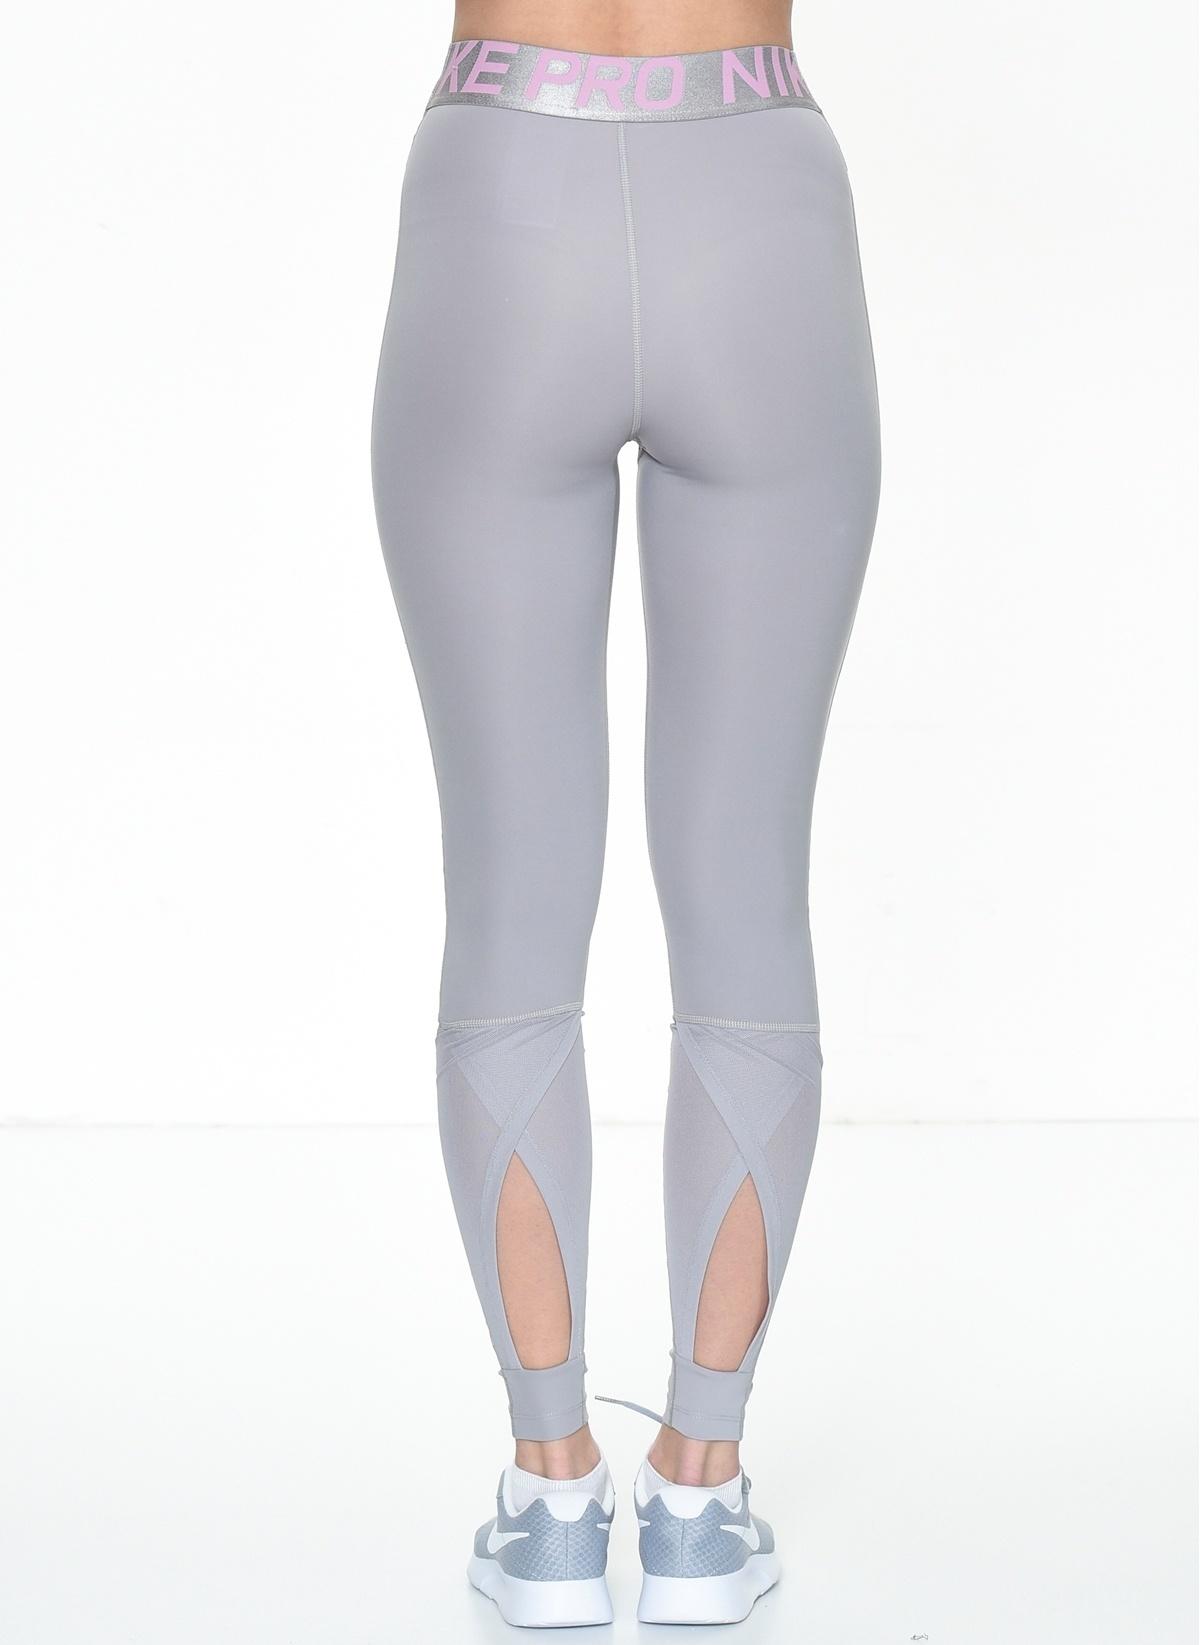 edf5acd35 Nike Kadın Tayt Atmosphere Grey/Pink Rise/Whit İndirimli Fiyat ...